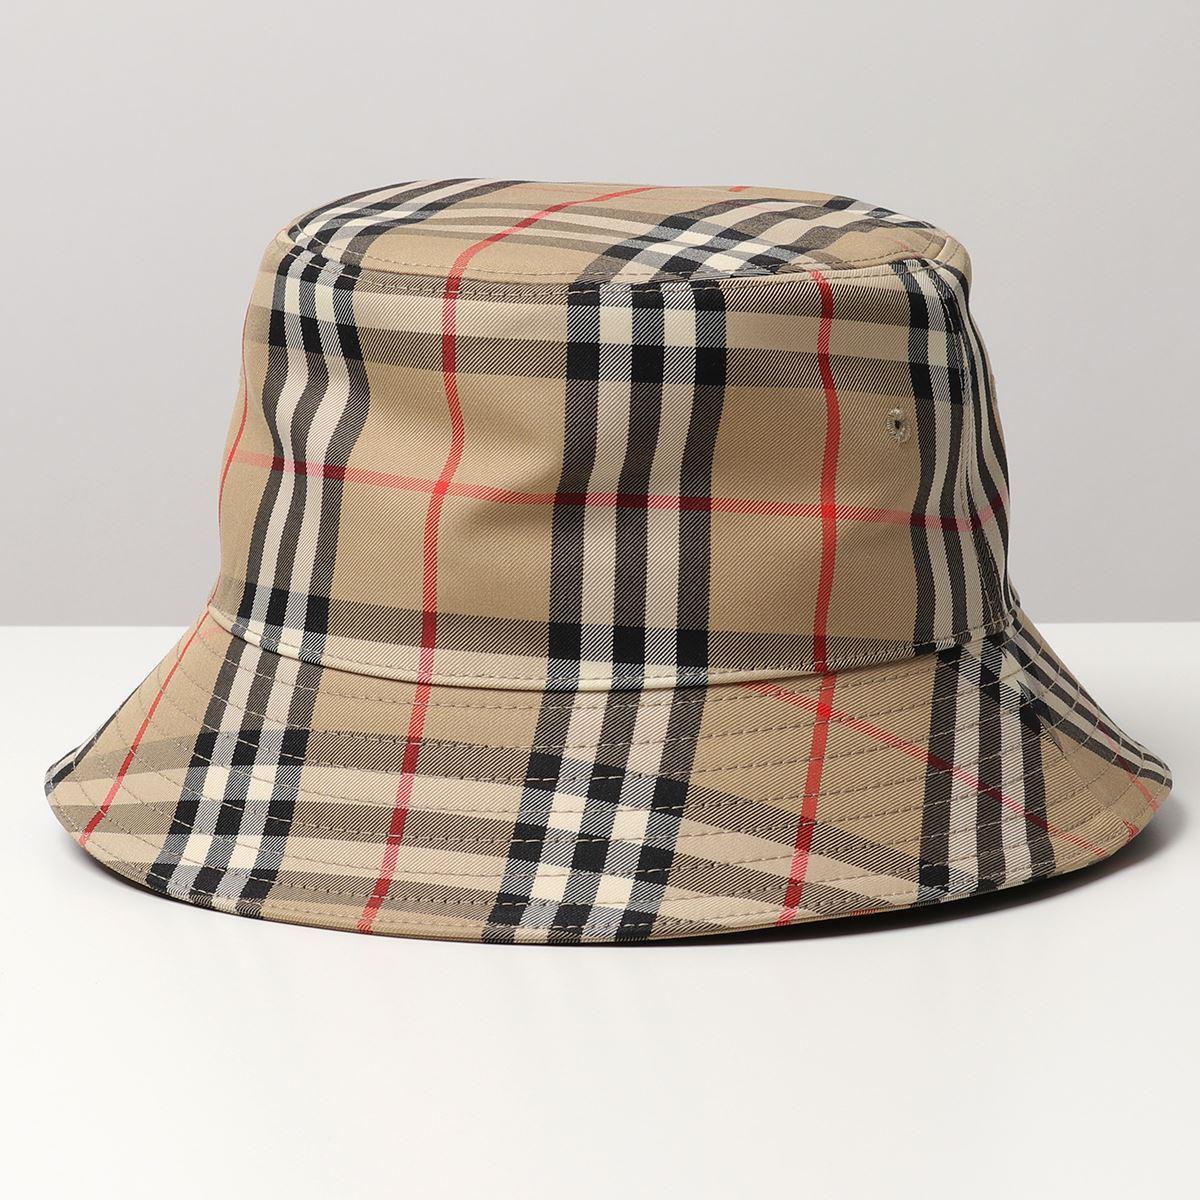 2021年春夏新作 BURBERRY バーバリー 8026927 MH 2 出荷 PANEL BUCKET A7026 メンズ HAT ヴィンテージチェック バケットハット まとめ買い特価 テクニカルコットン 帽子 ARCHIVE-BEIGE